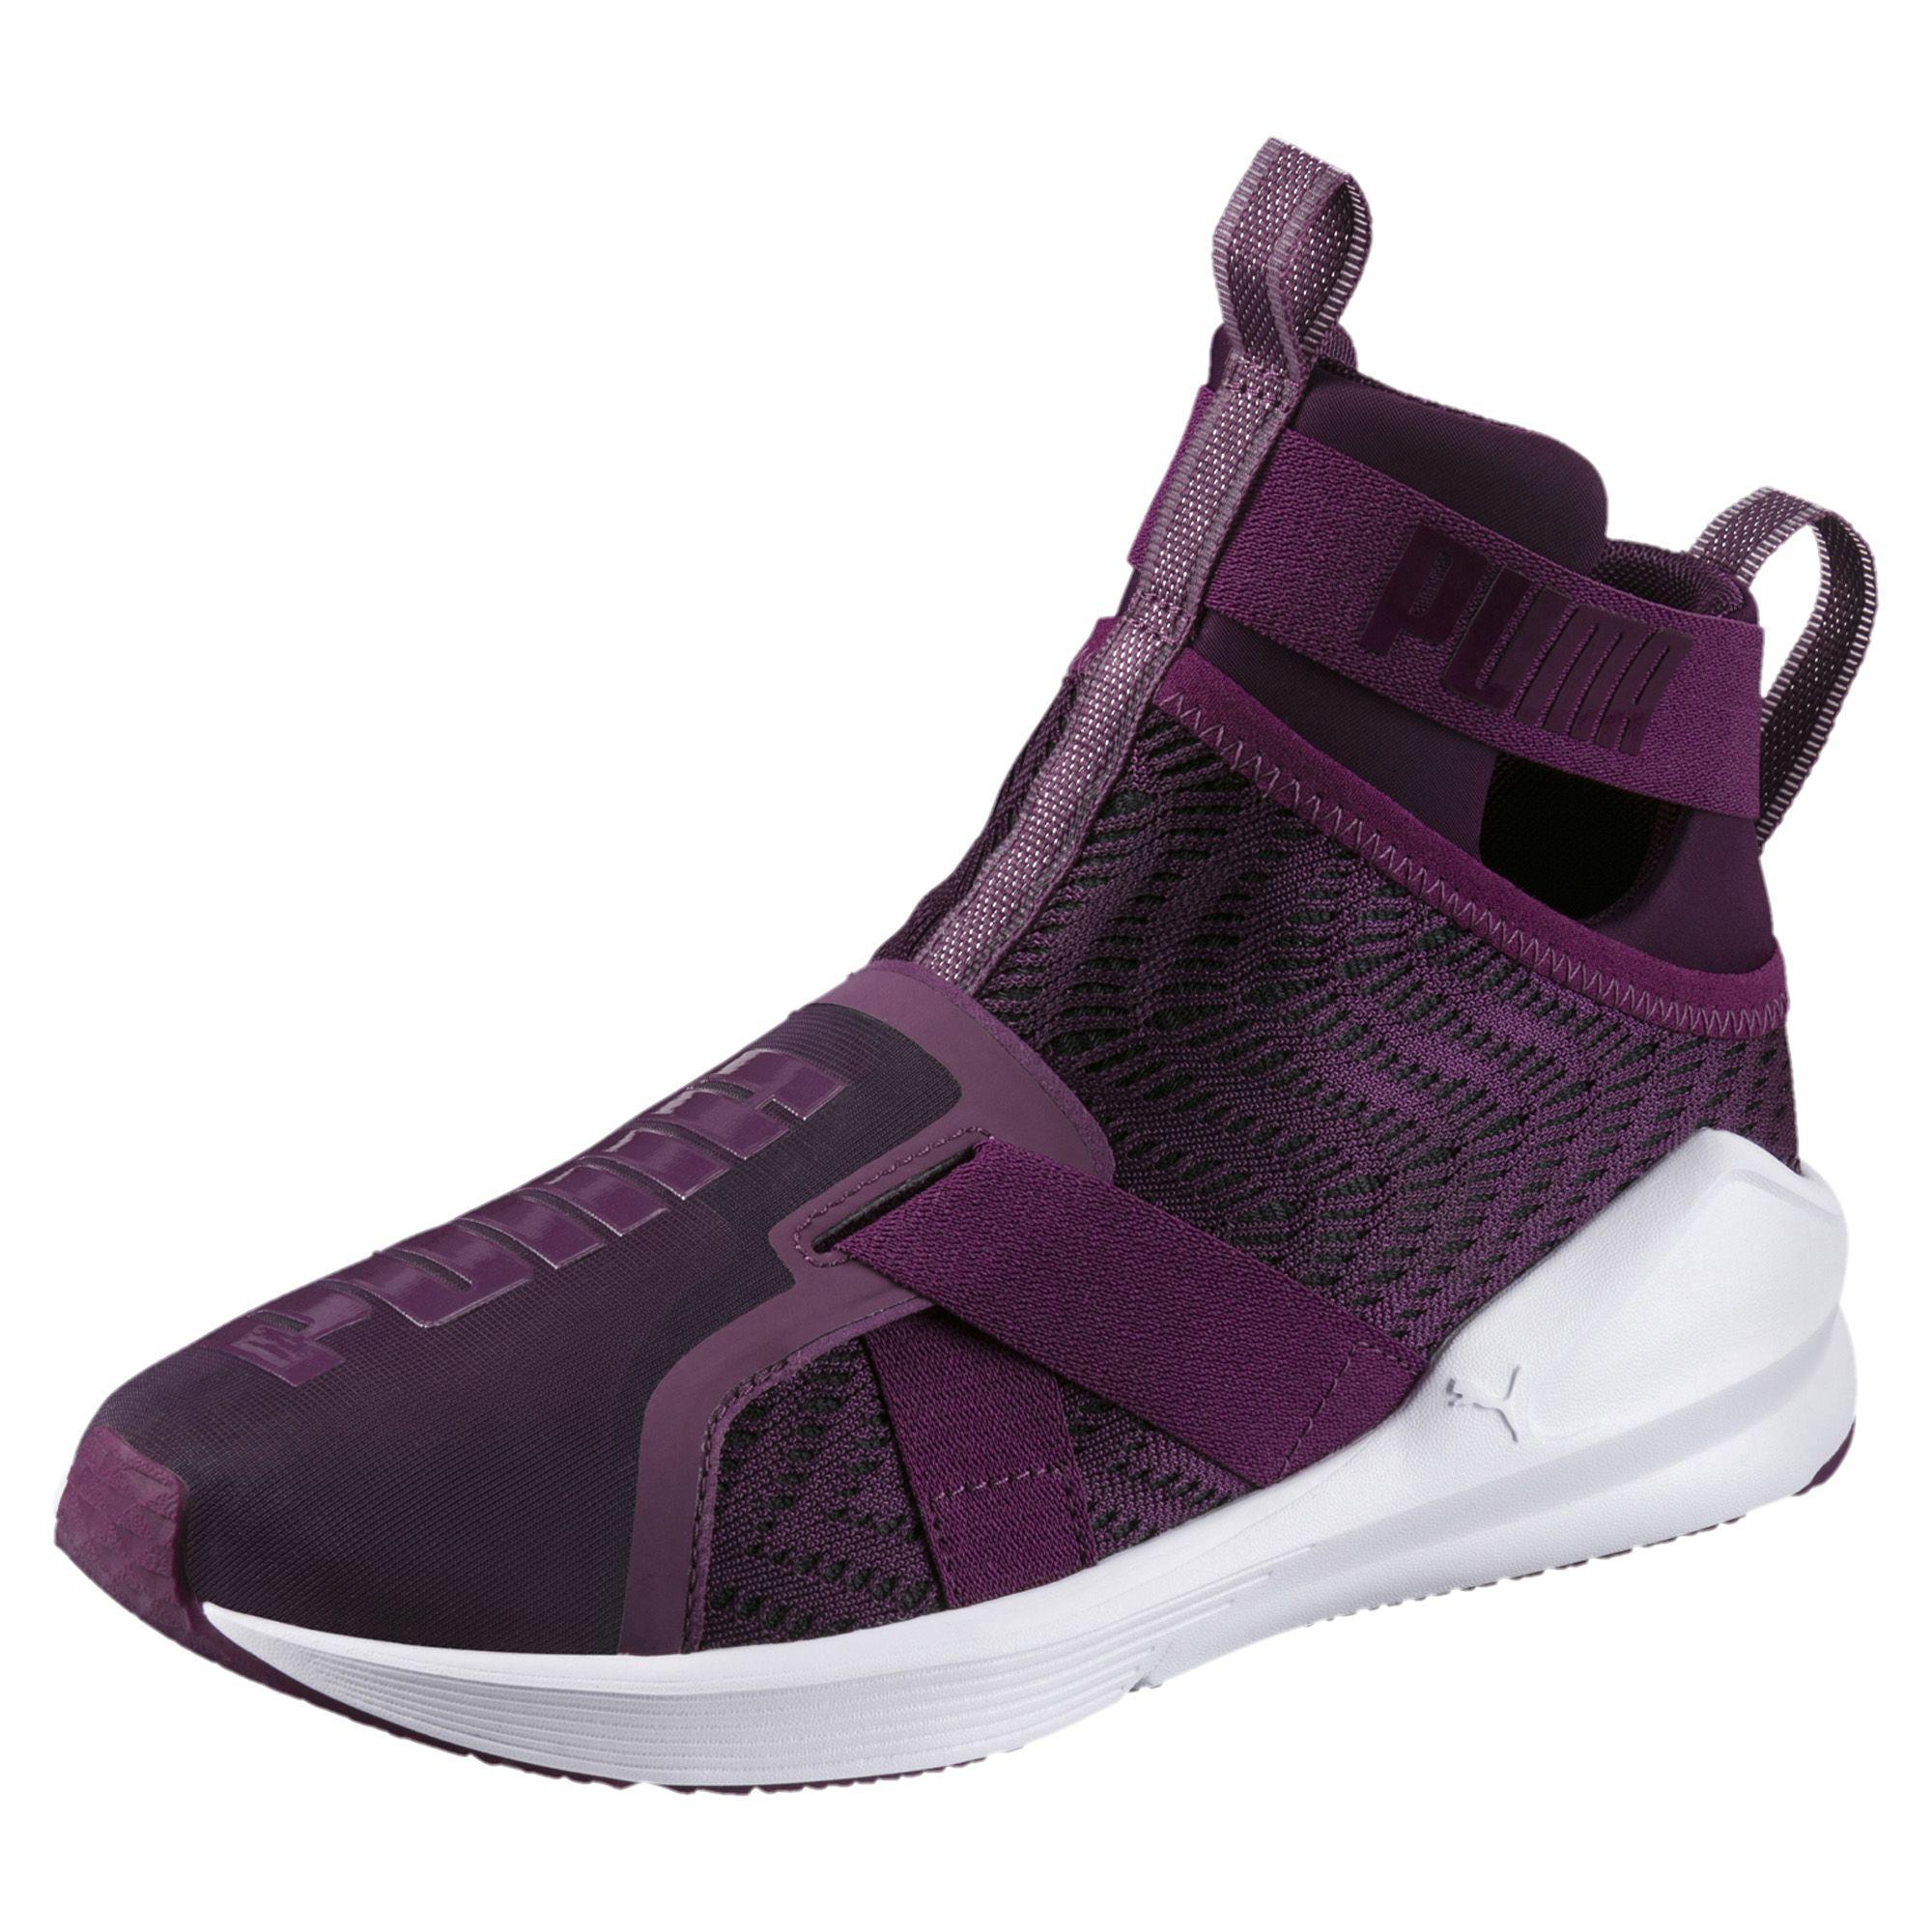 06e2bcbac50 Lyst - PUMA Fierce Strap Swirl Women s Training Shoes in Purple